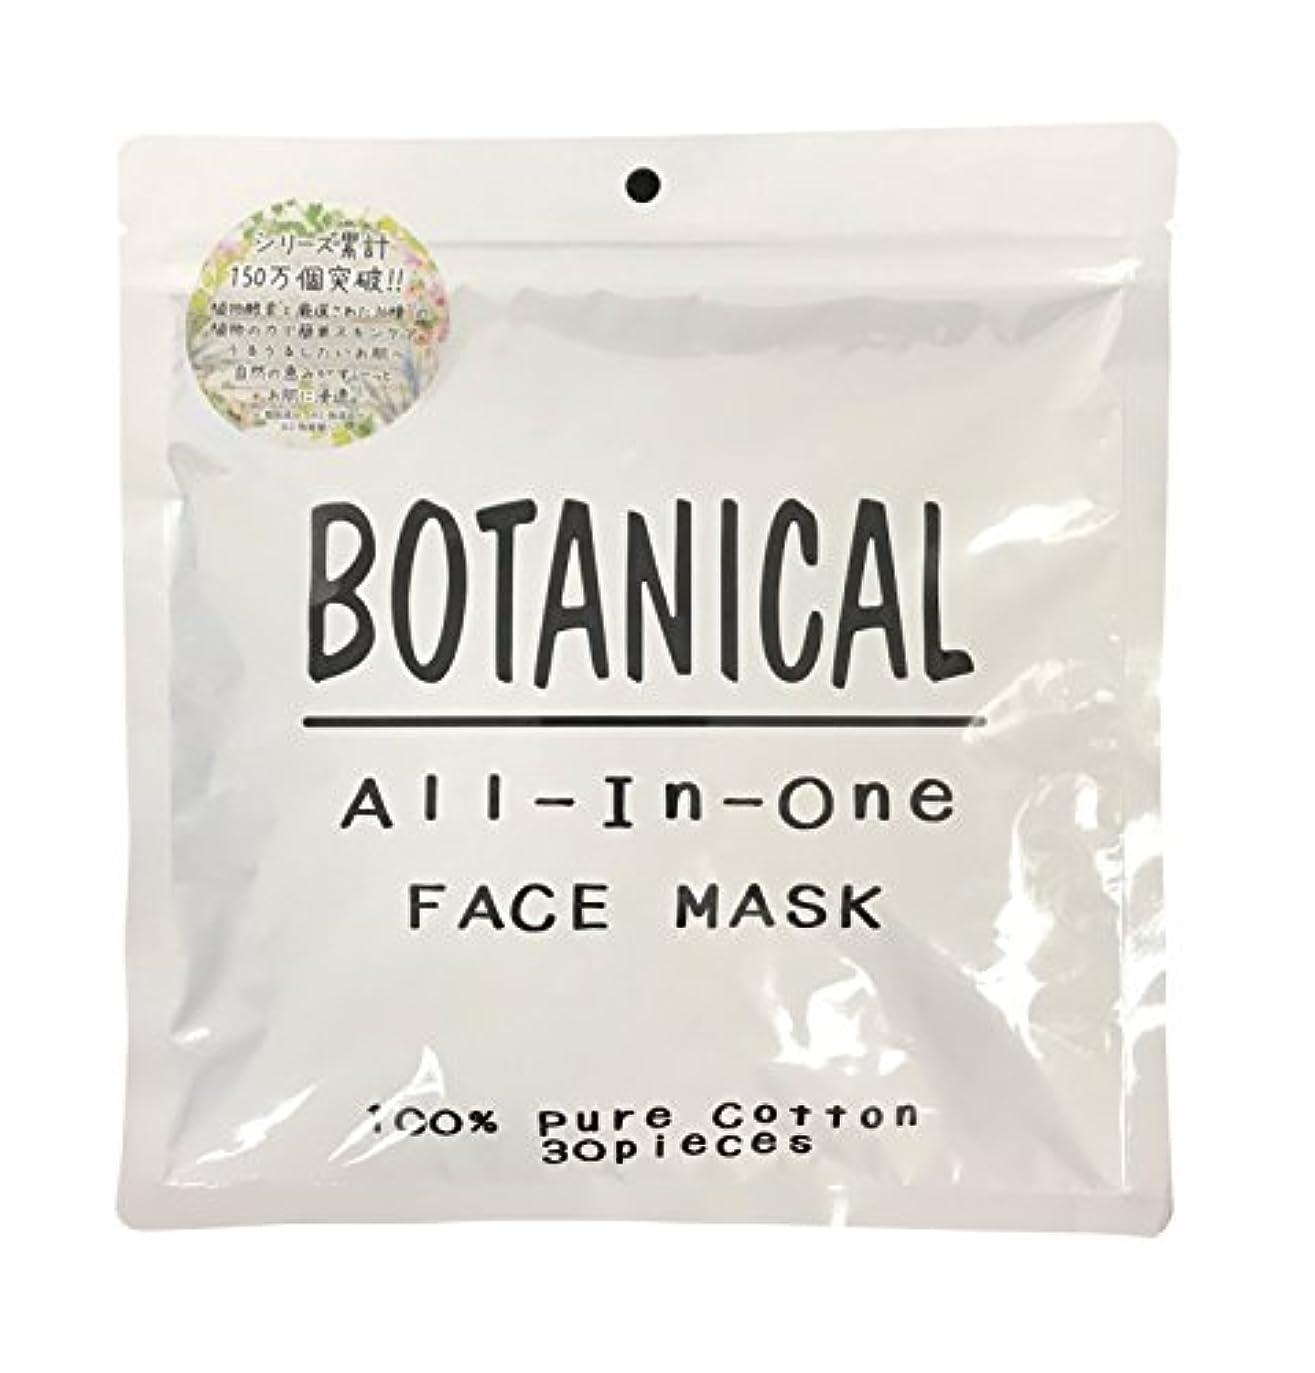 翻訳するバイオレットハリウッドボタニカル(BOTANICAL) オールインワン フェイスマスク 30枚入